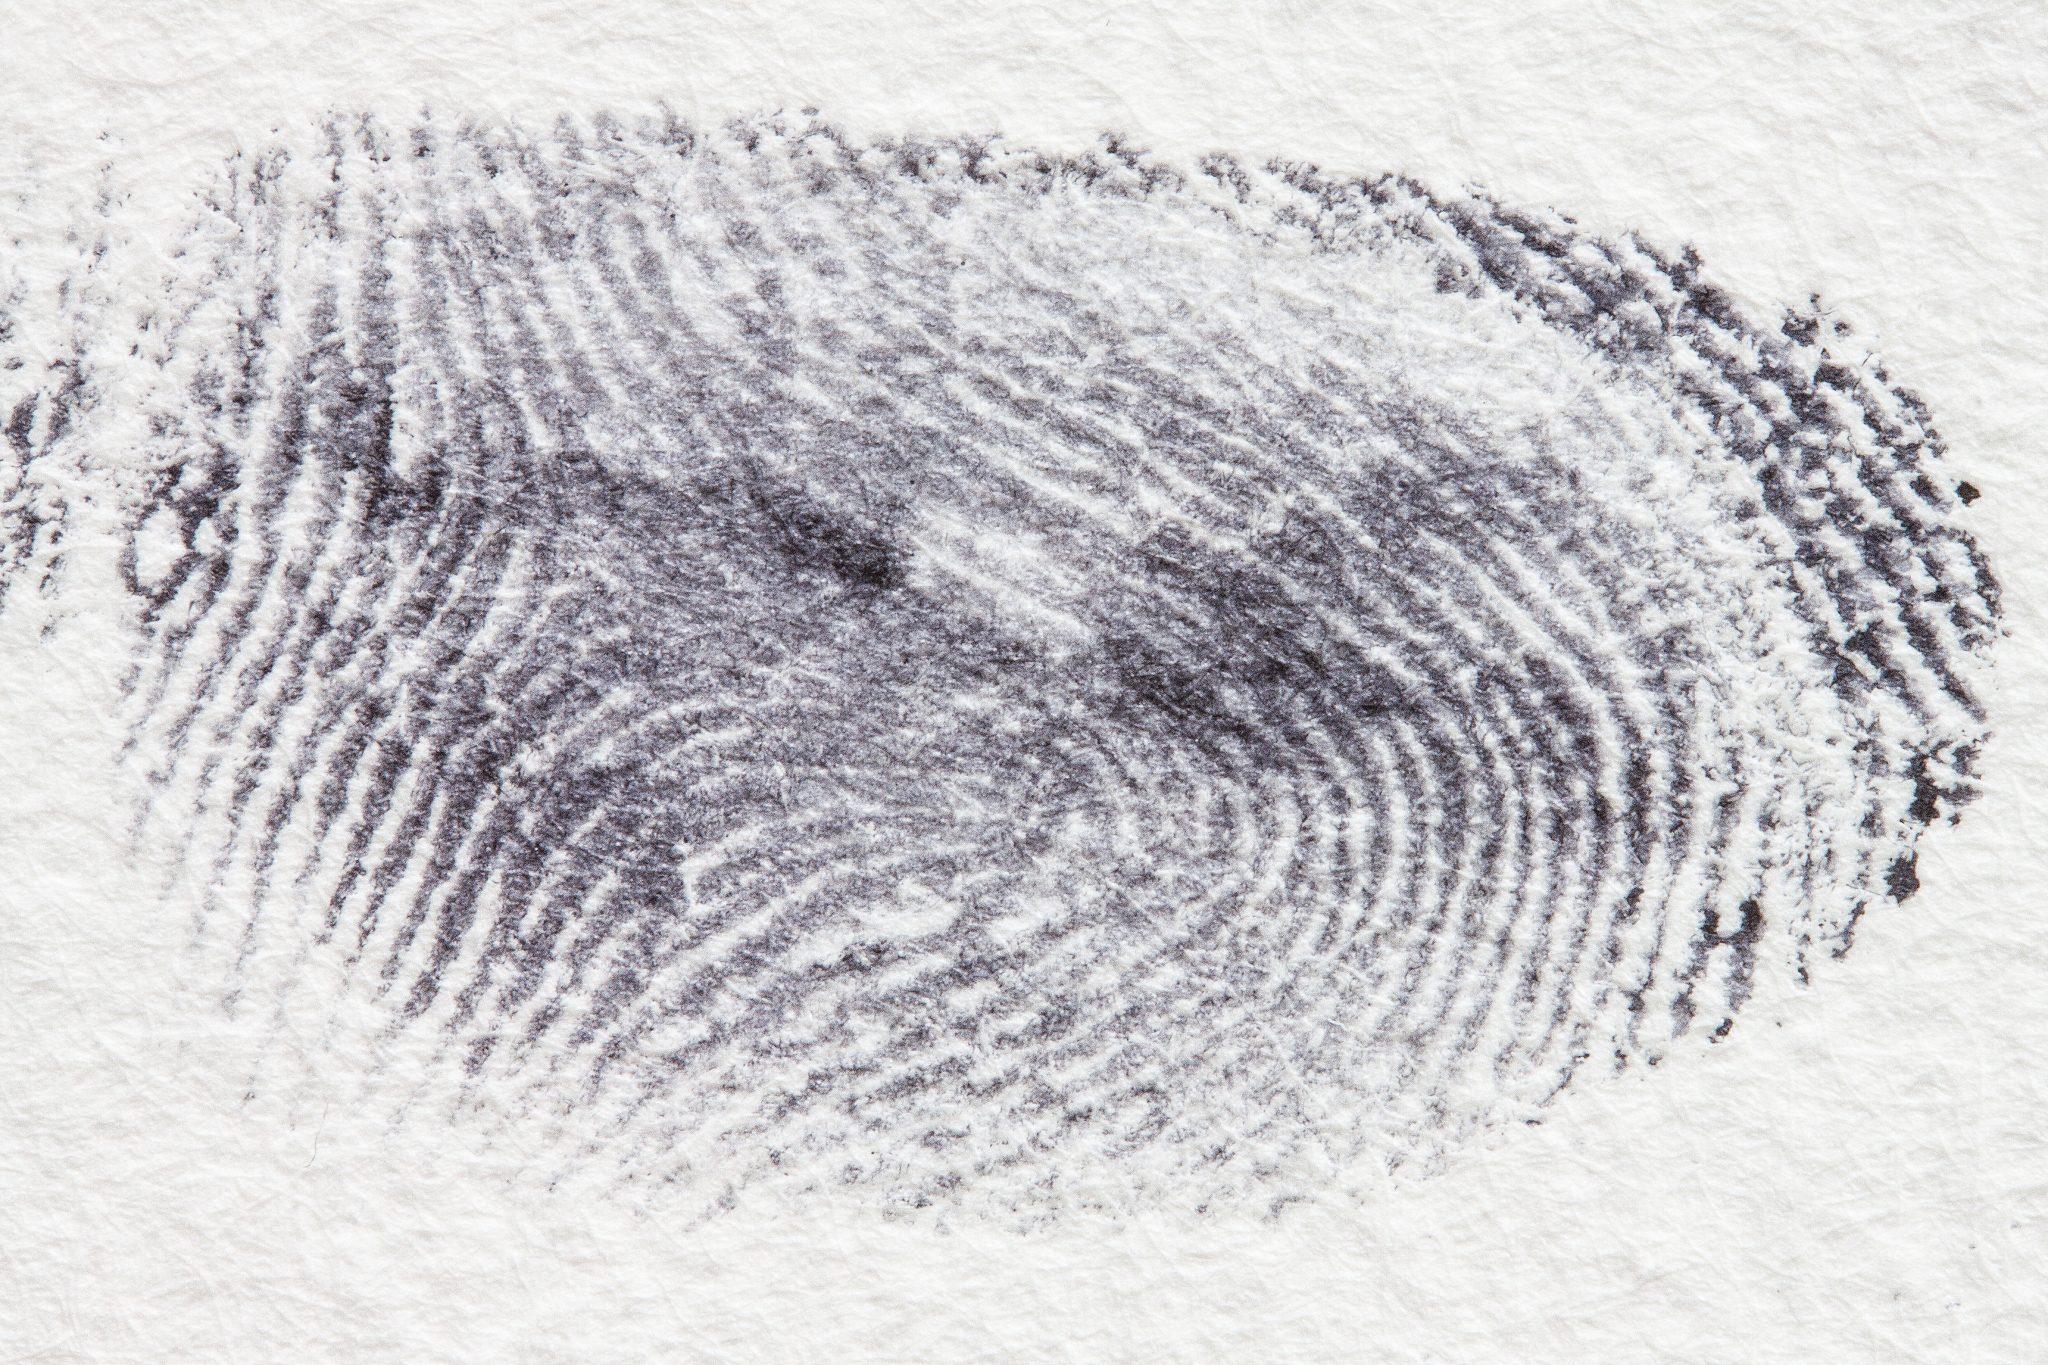 fingerprint-255900